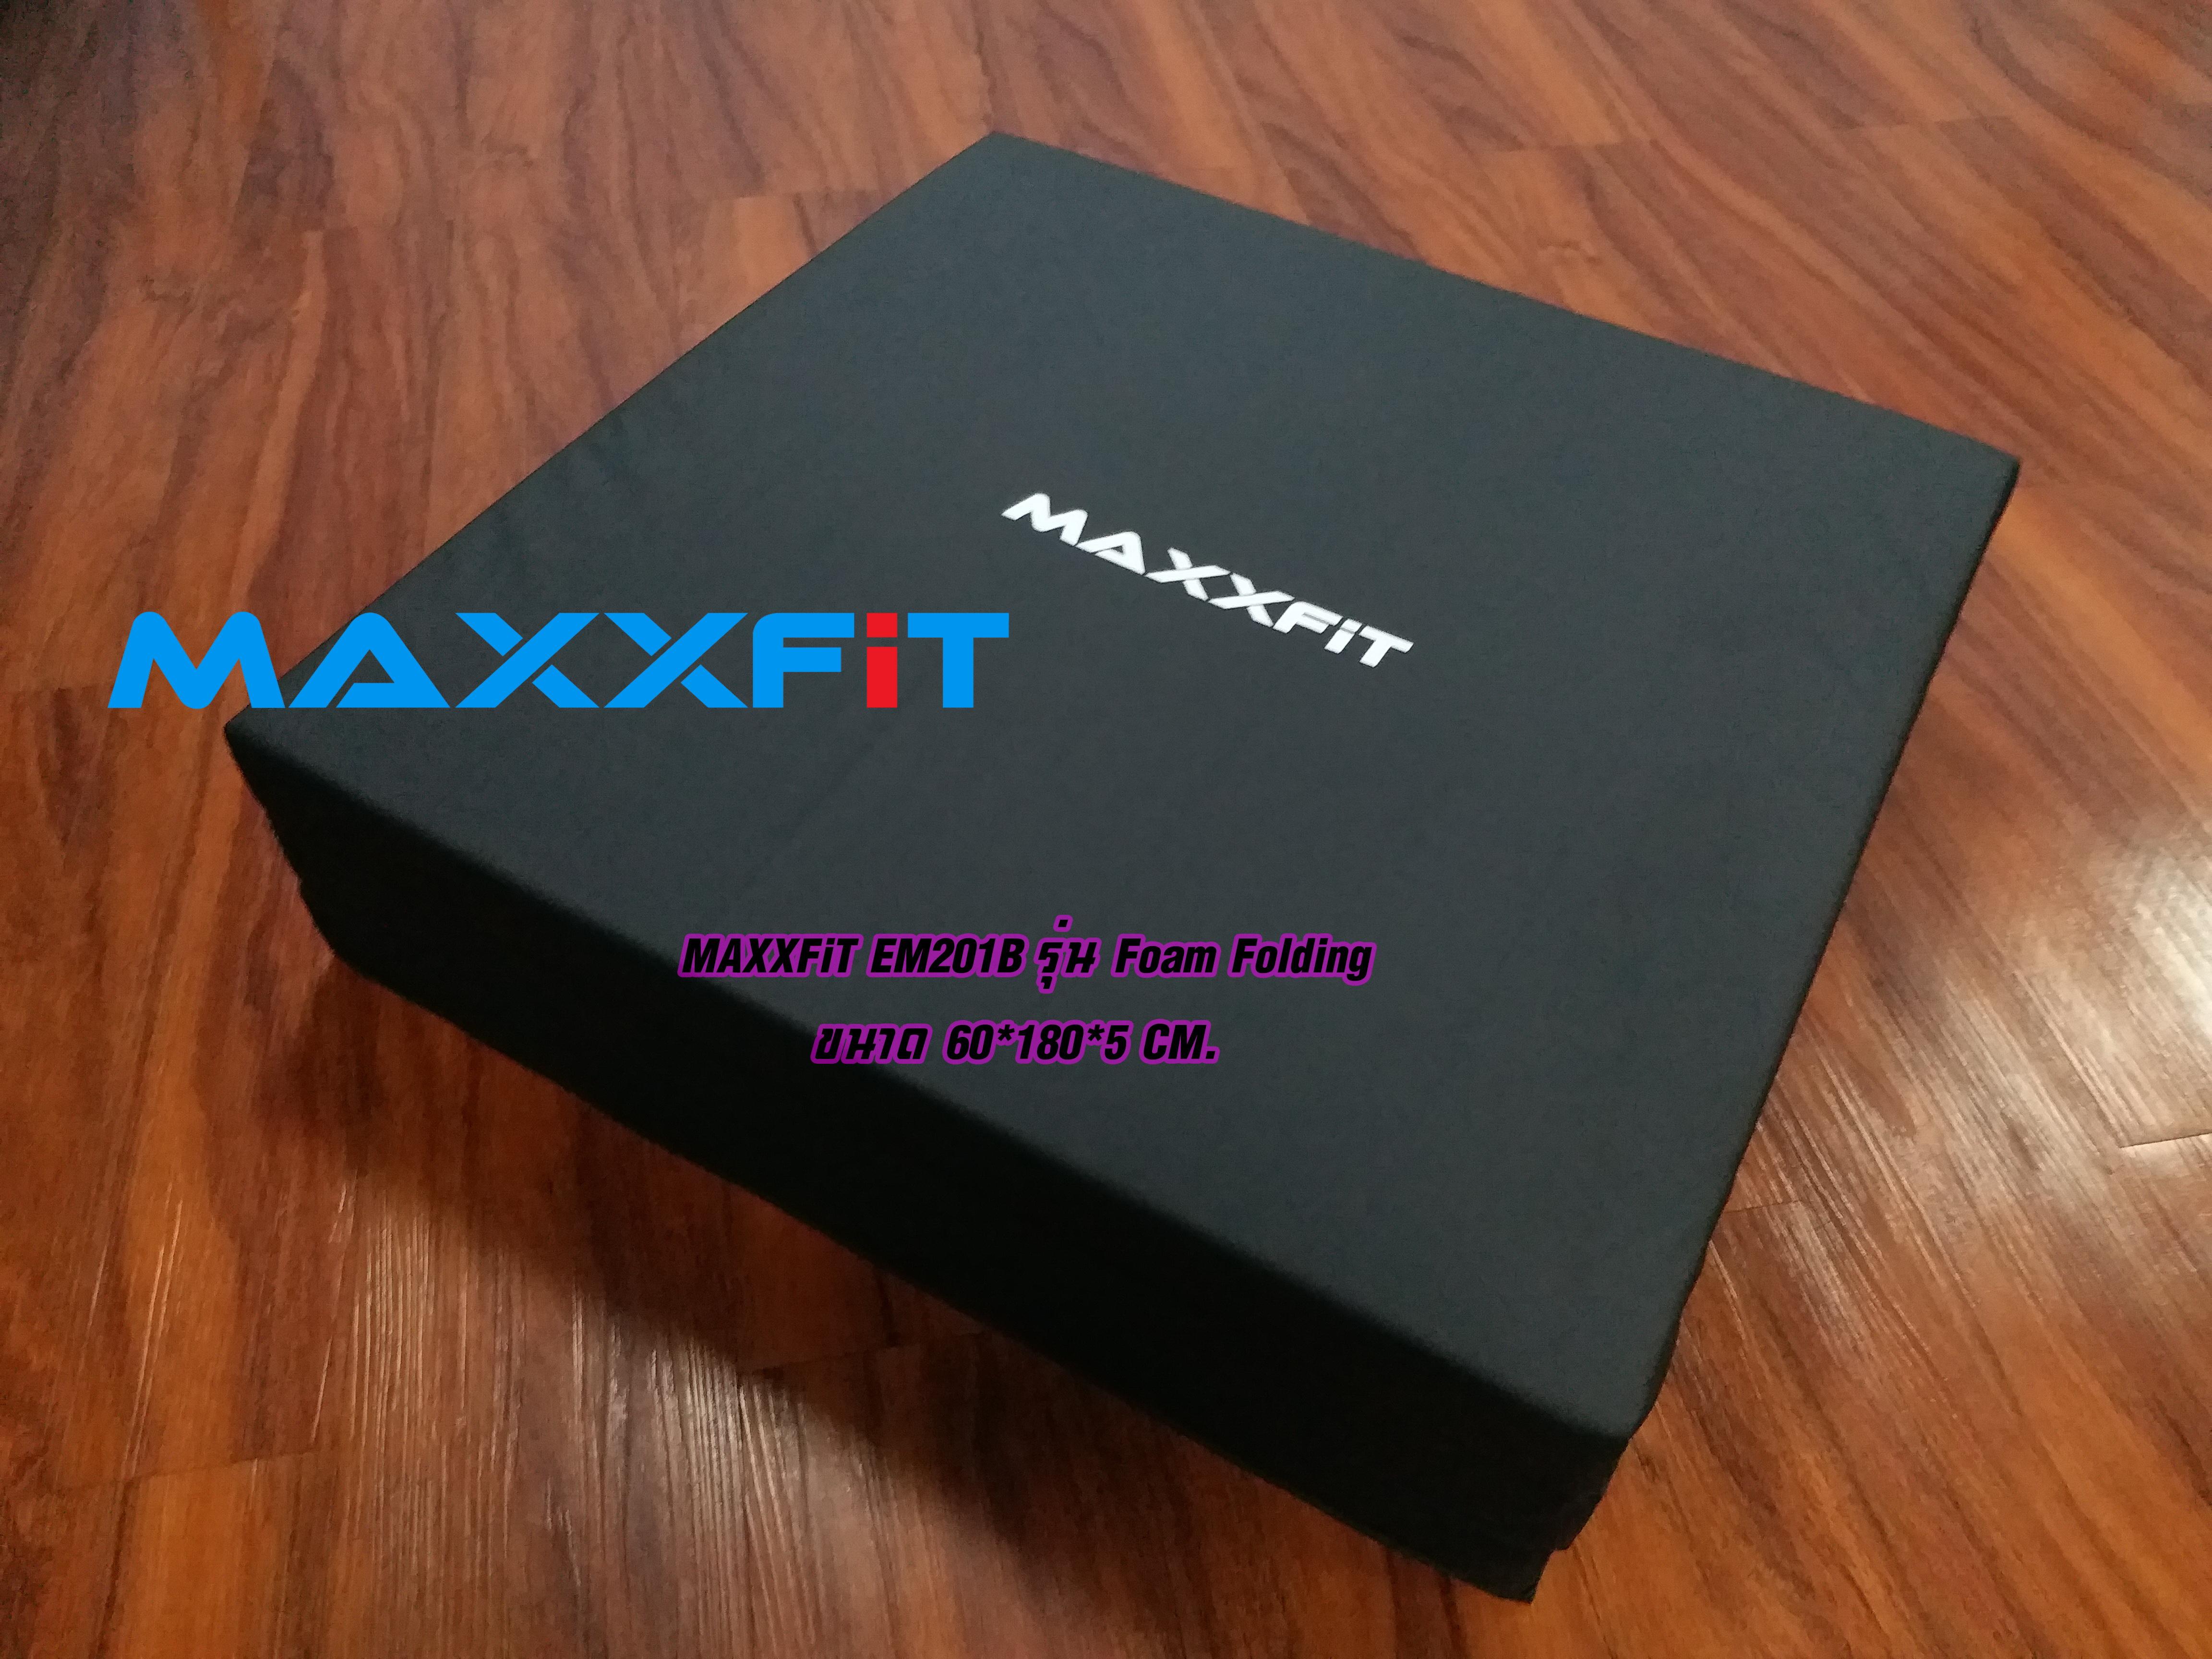 ขาย MAXXFiT EM201B Foam Folding Gym Mat 60*180*5 CM.